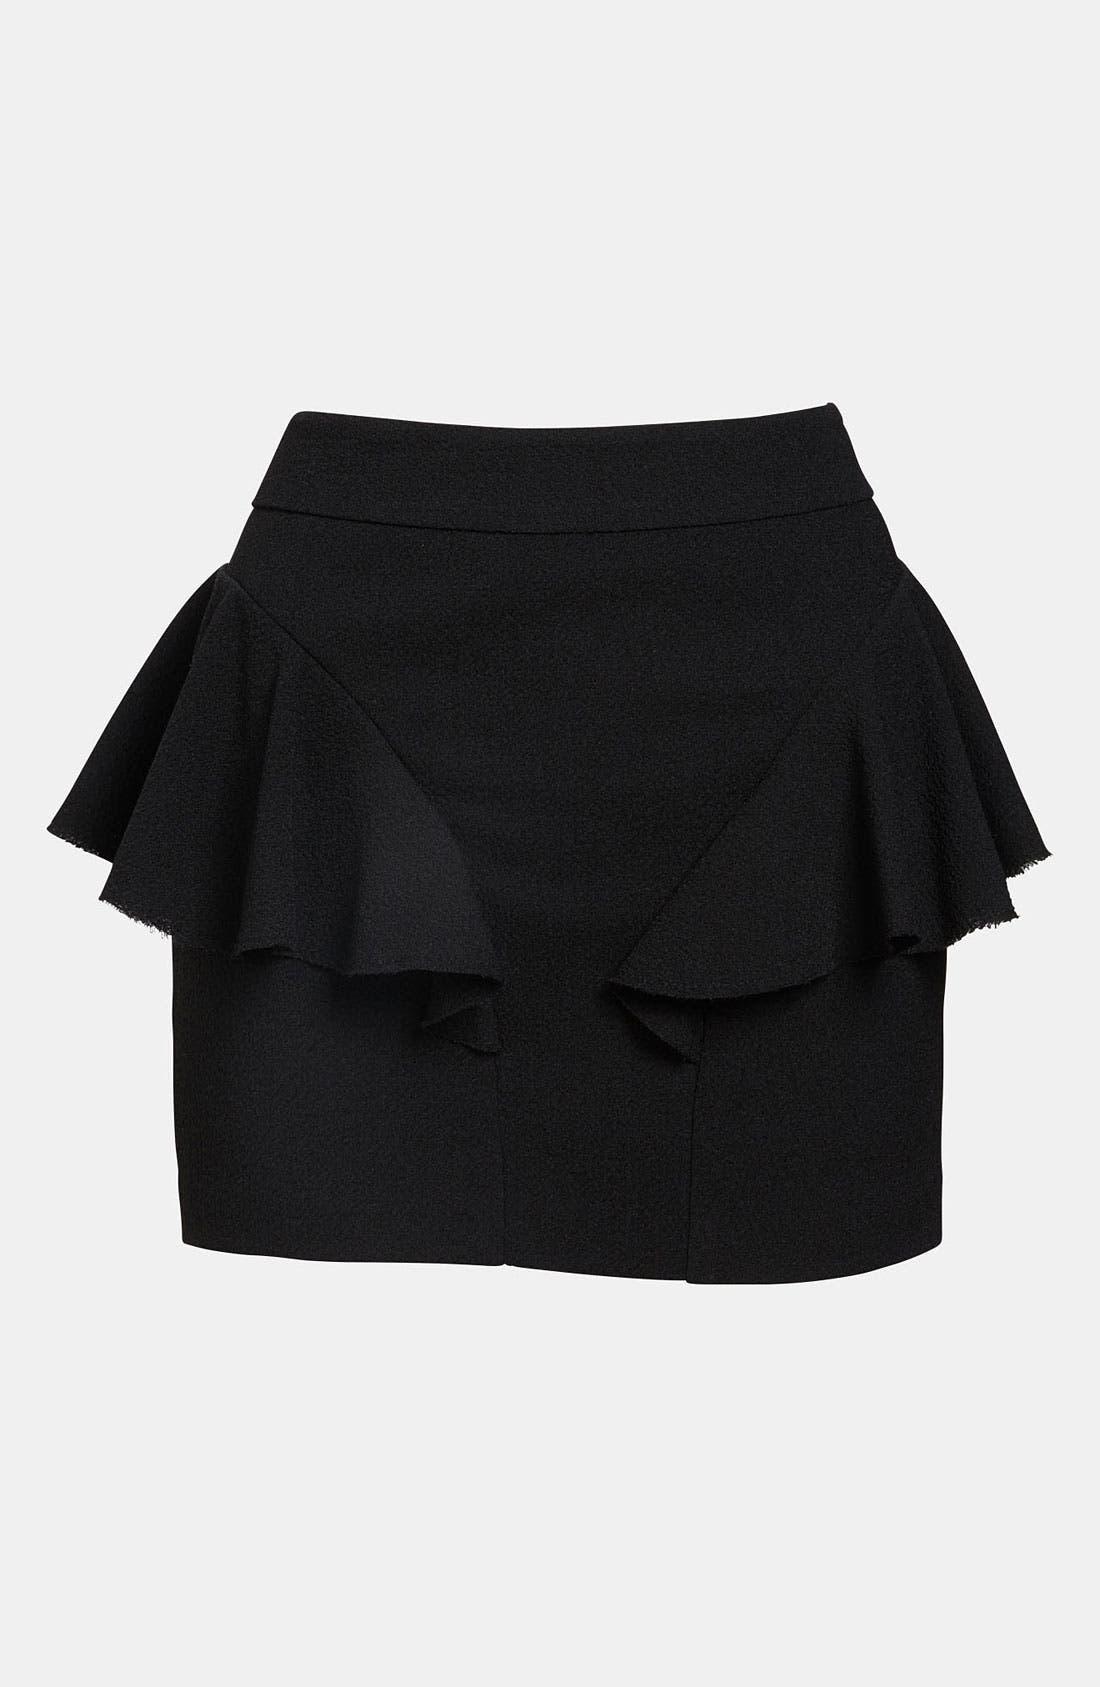 Alternate Image 1 Selected - Tildon Side Ruffle Skirt